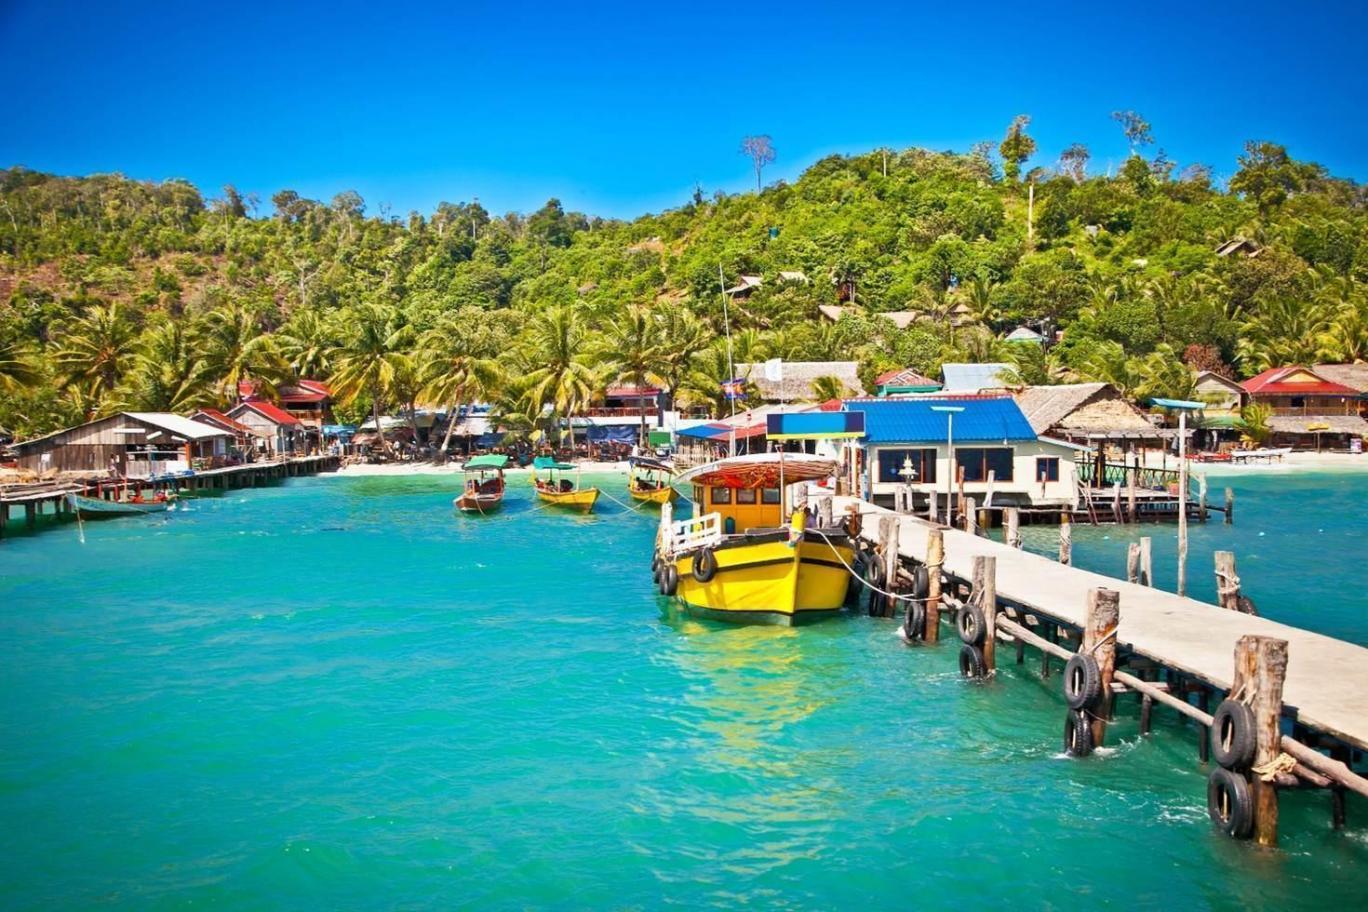 高龙岛总面积约78 平方公里,位于泰国湾东北部,距离西哈努克约30分钟